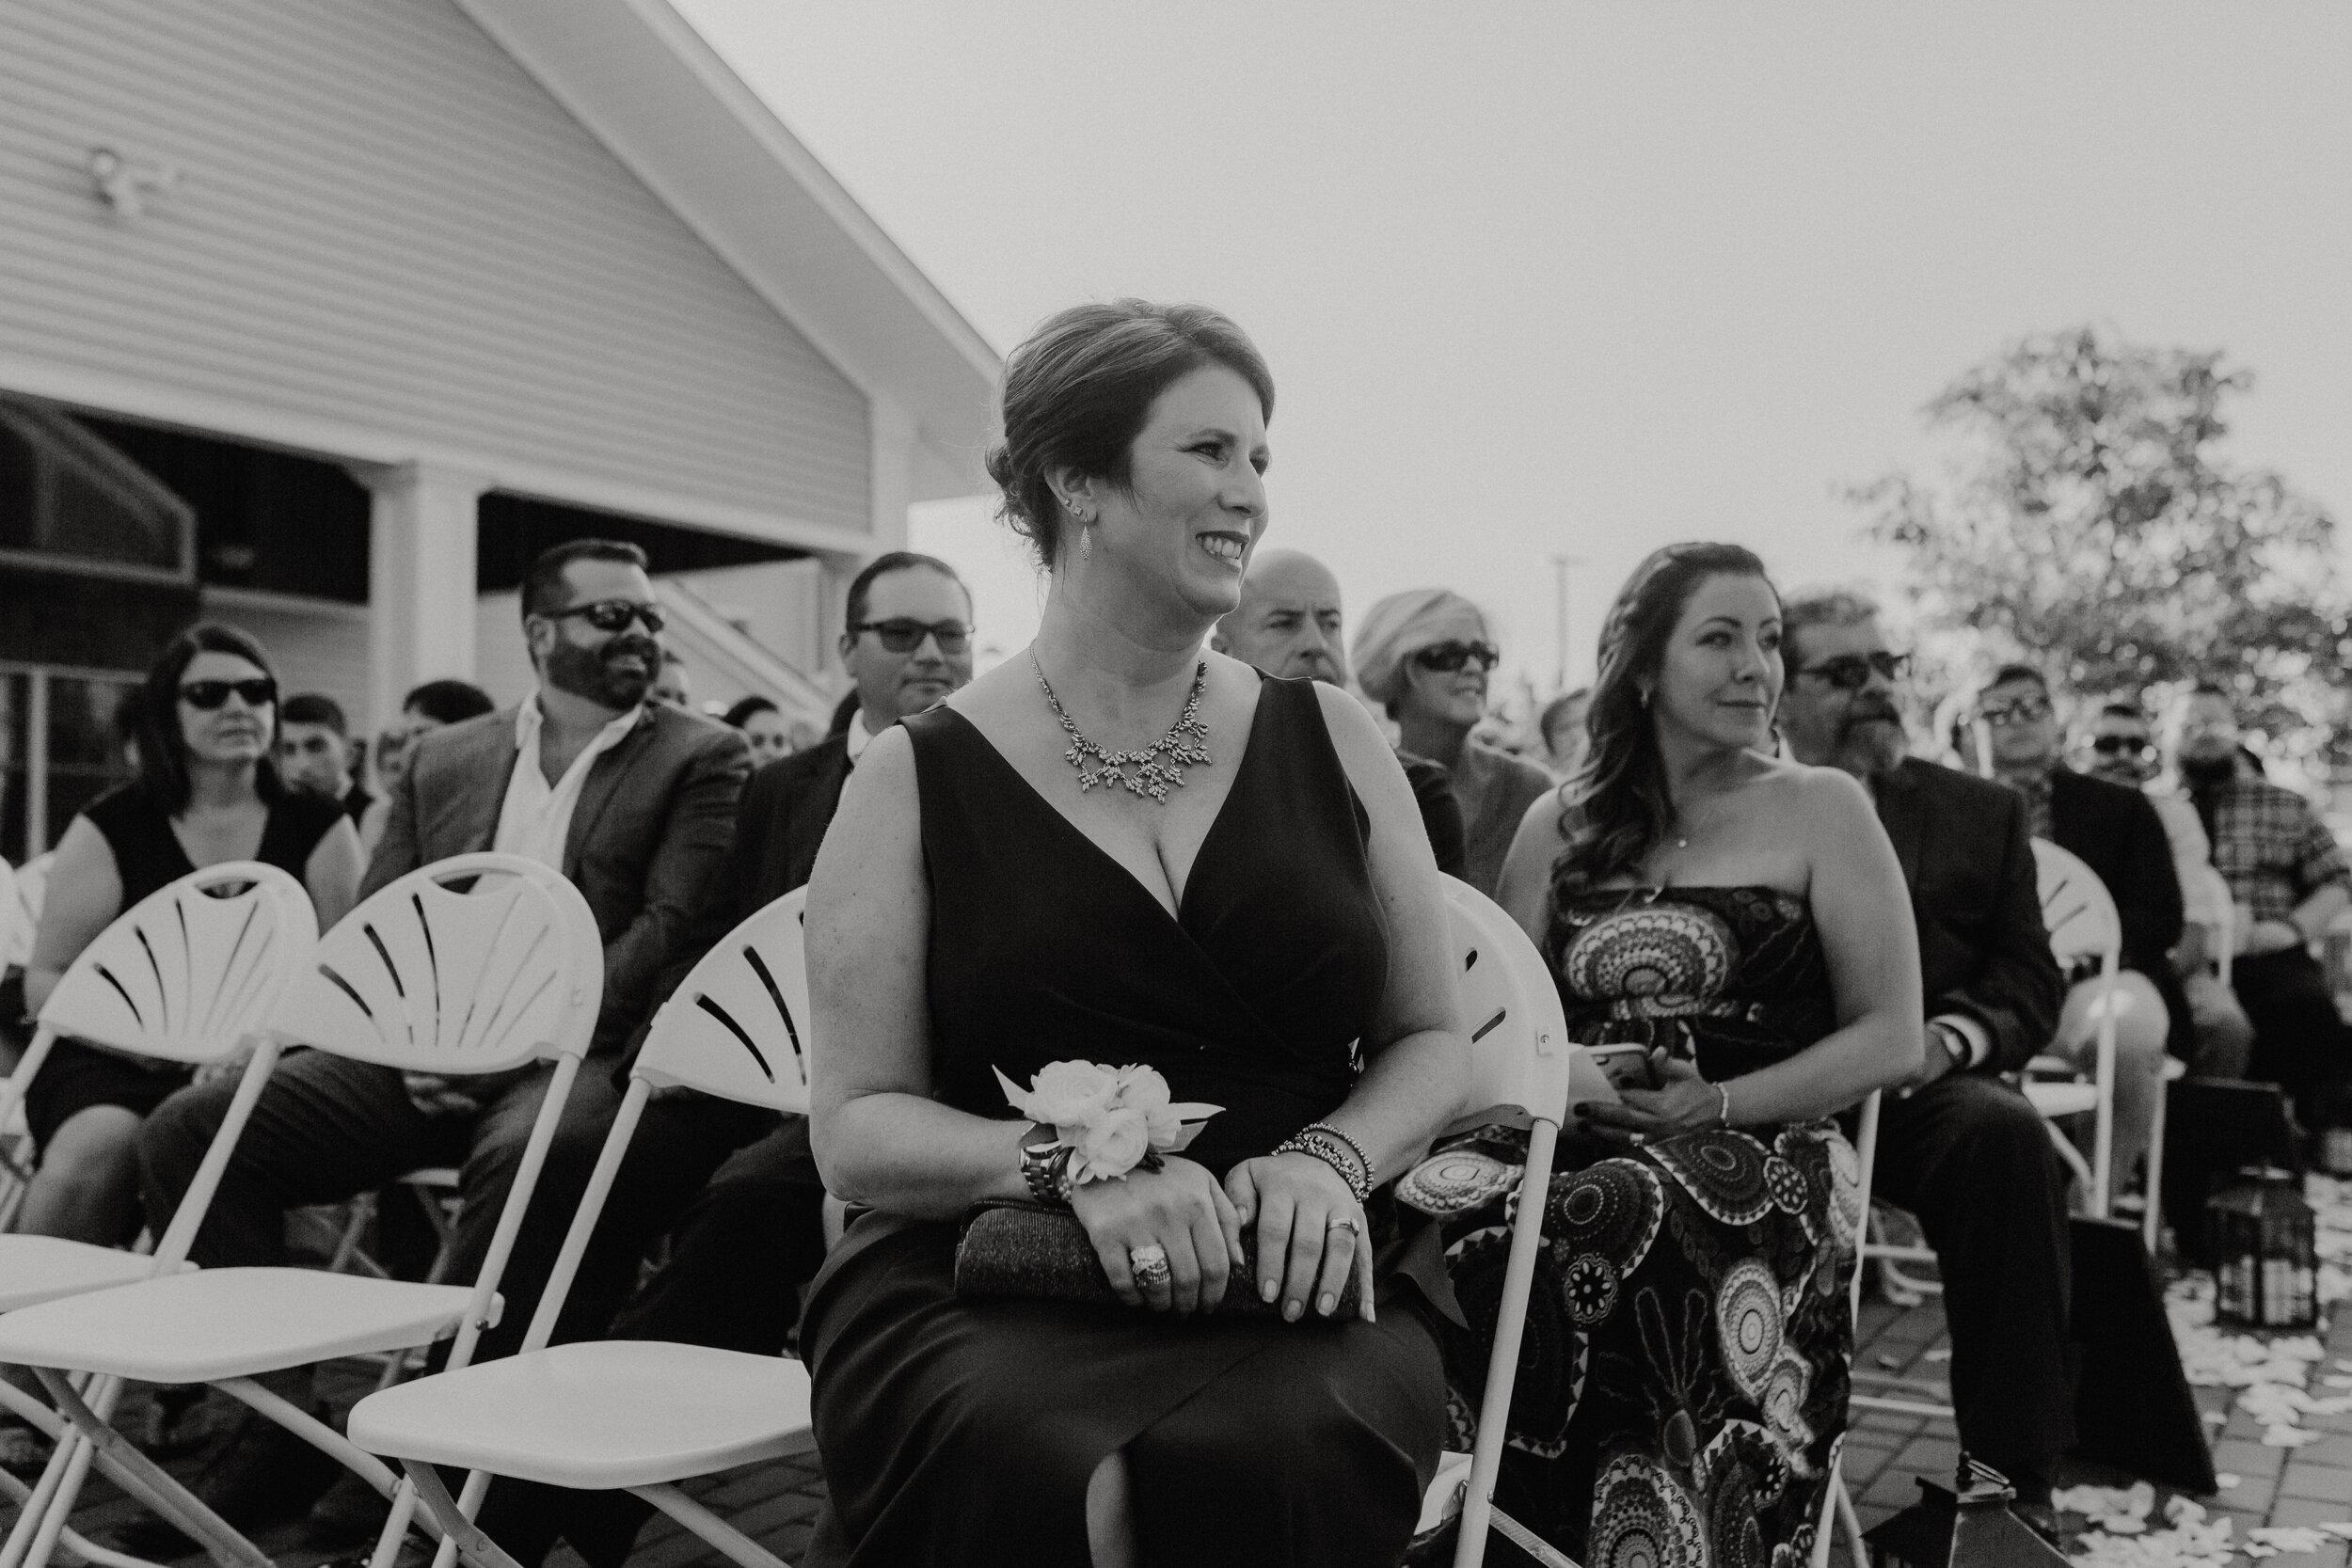 schenectady-new-york-wedding031.jpg